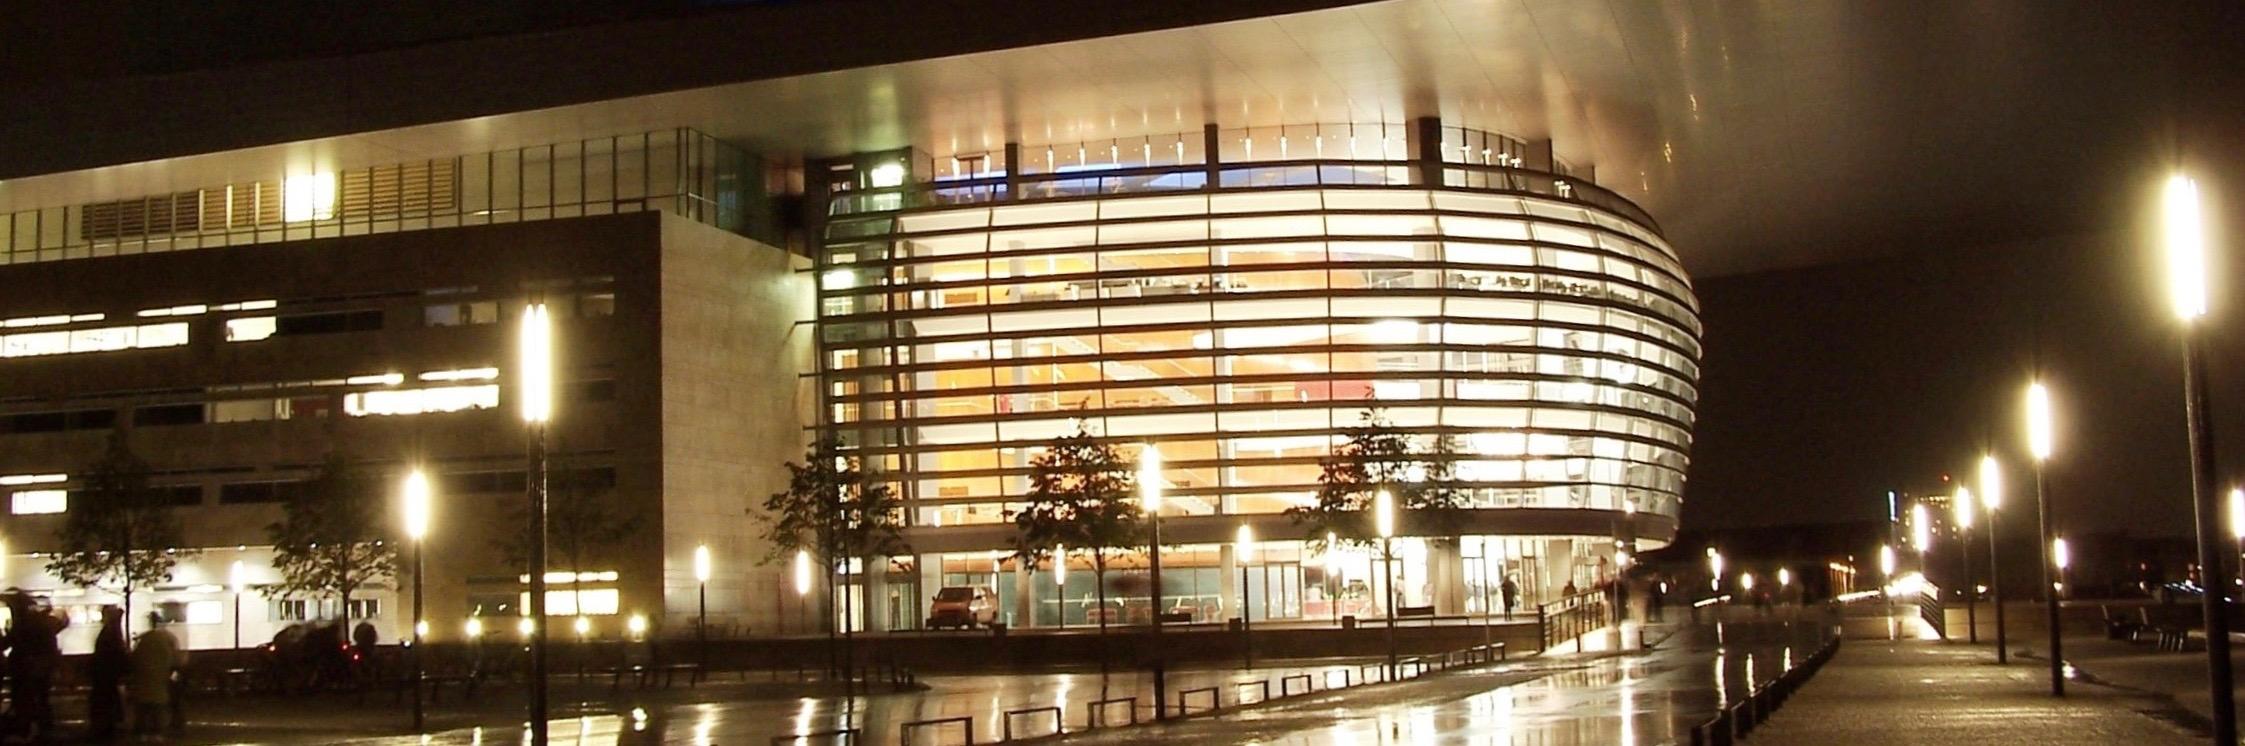 Teit Kanstrup - 'Rejsen til Reims' af G. Rossini - Operaen